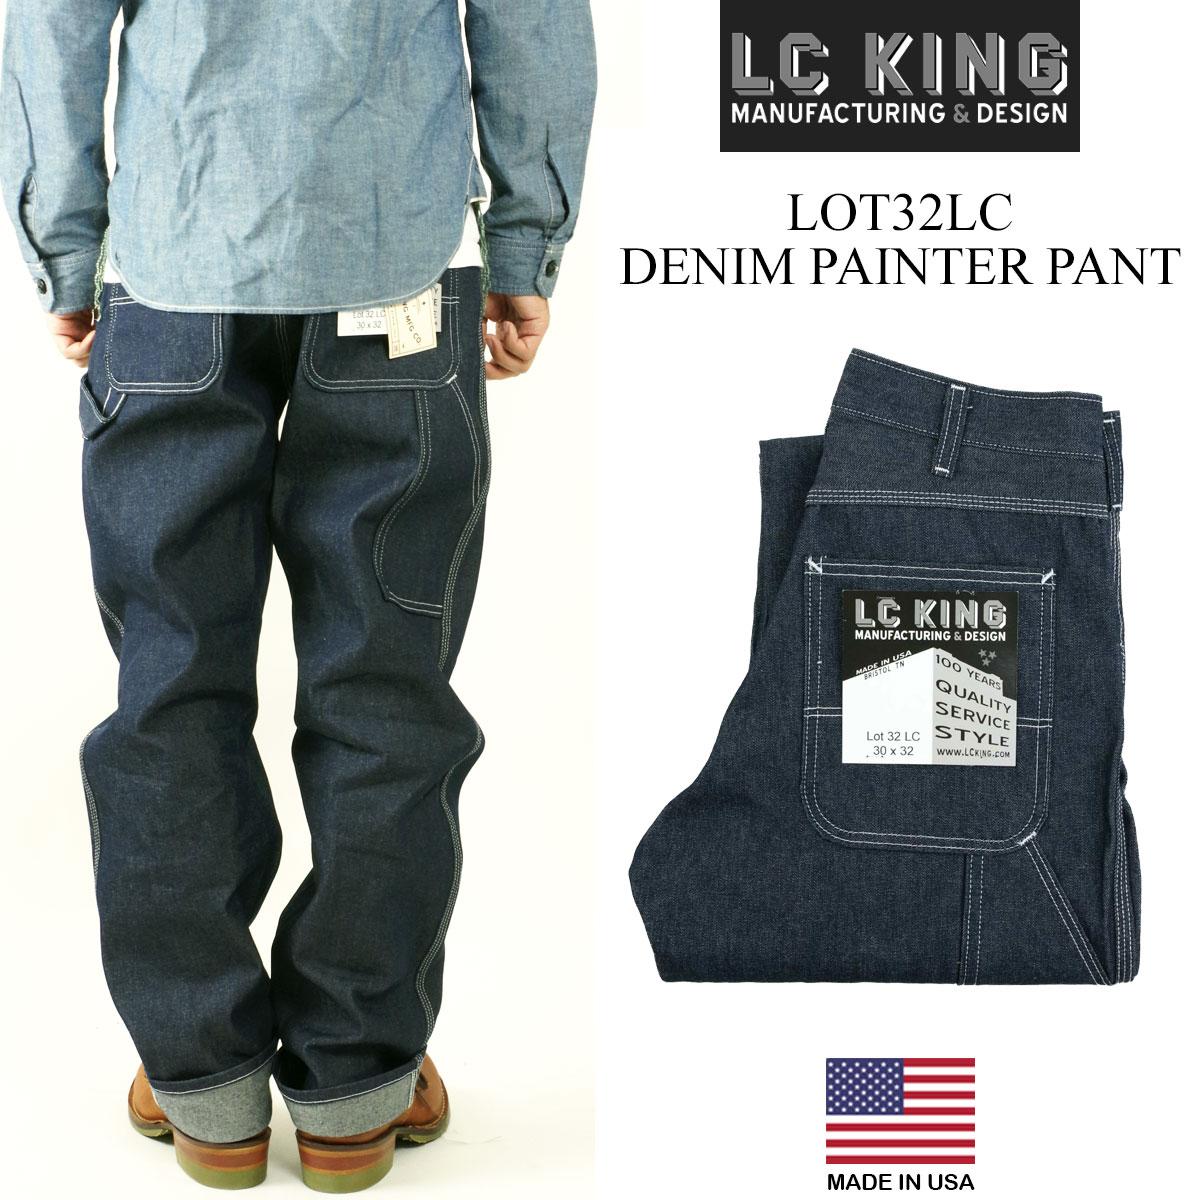 L.C.キング LOT32LC インディゴデニム カーペンター パンツ MADE IN USA (米国製 アメリカ製 L.C.KING ペインター ワーク)